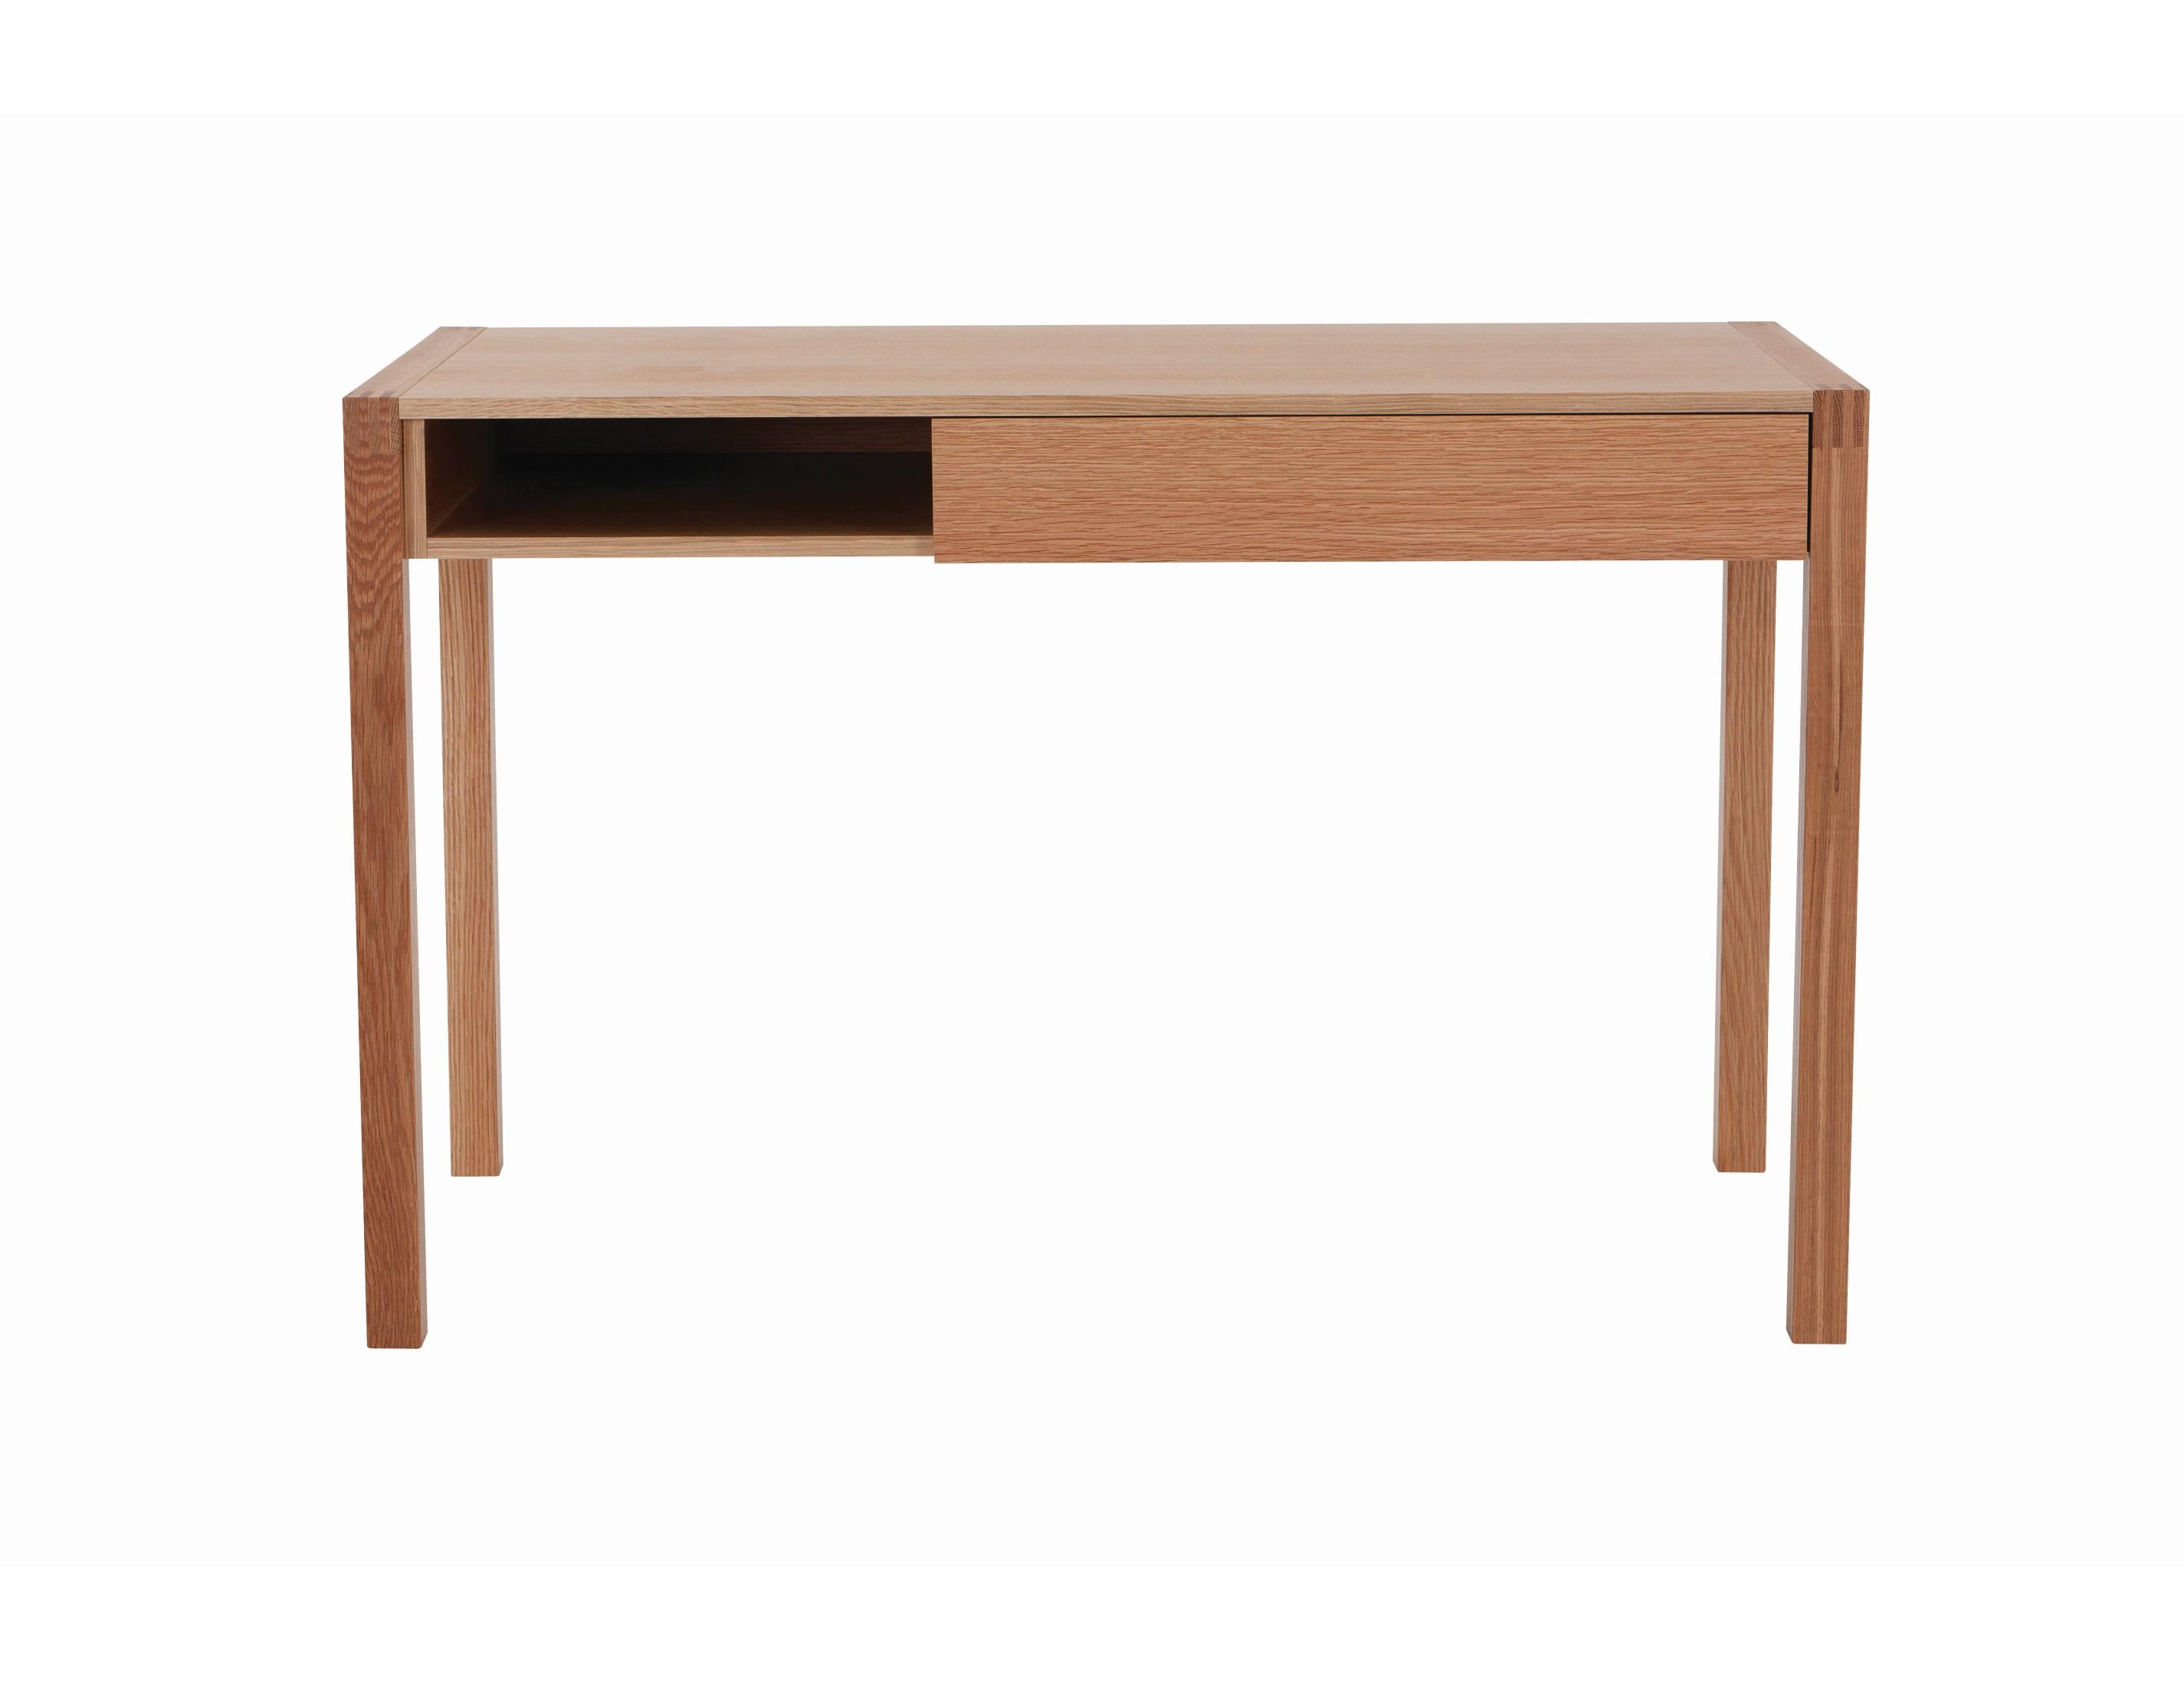 121001001014 NewEst Desk Oak 02